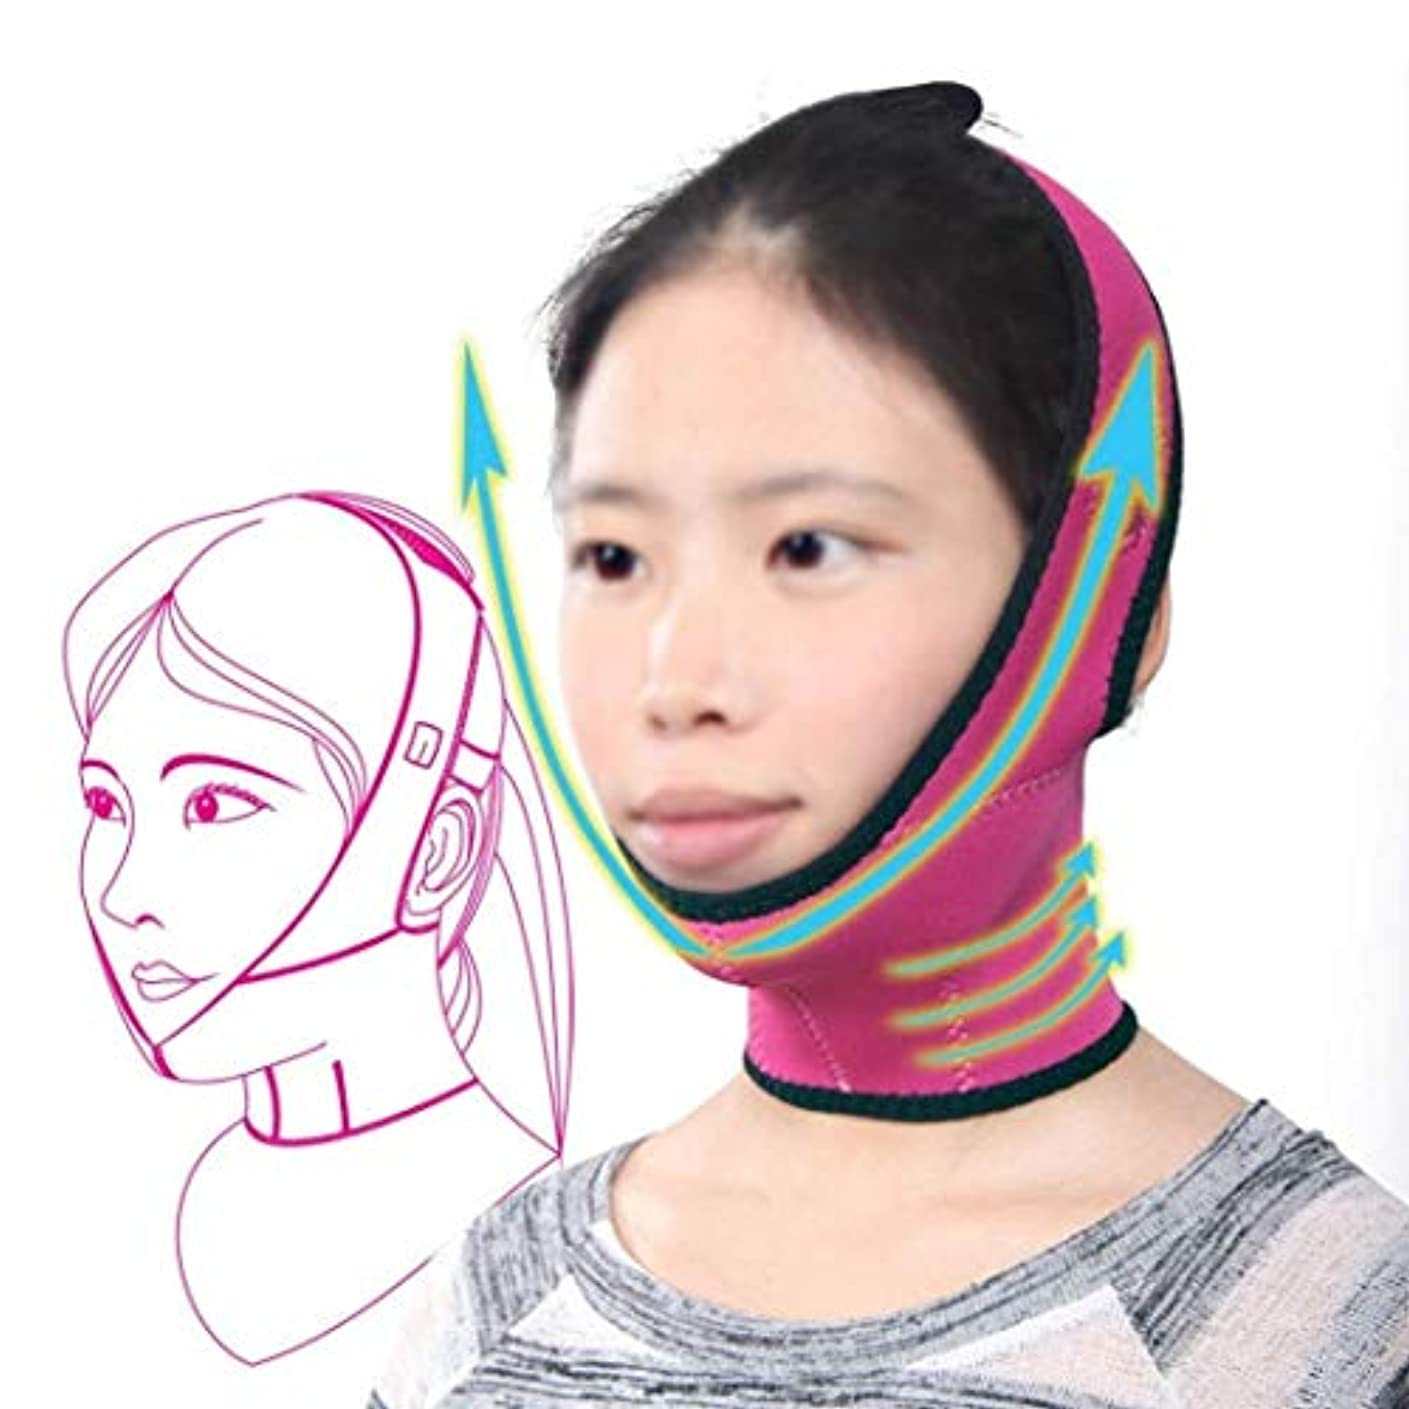 気がついて先住民れんがフェイスリフトマスク、スリミングベルトフェイスマスク強力なリフティング小さなV顔薄い顔包帯美容美容リフティング顔小さな顔薄いフェイスマスク